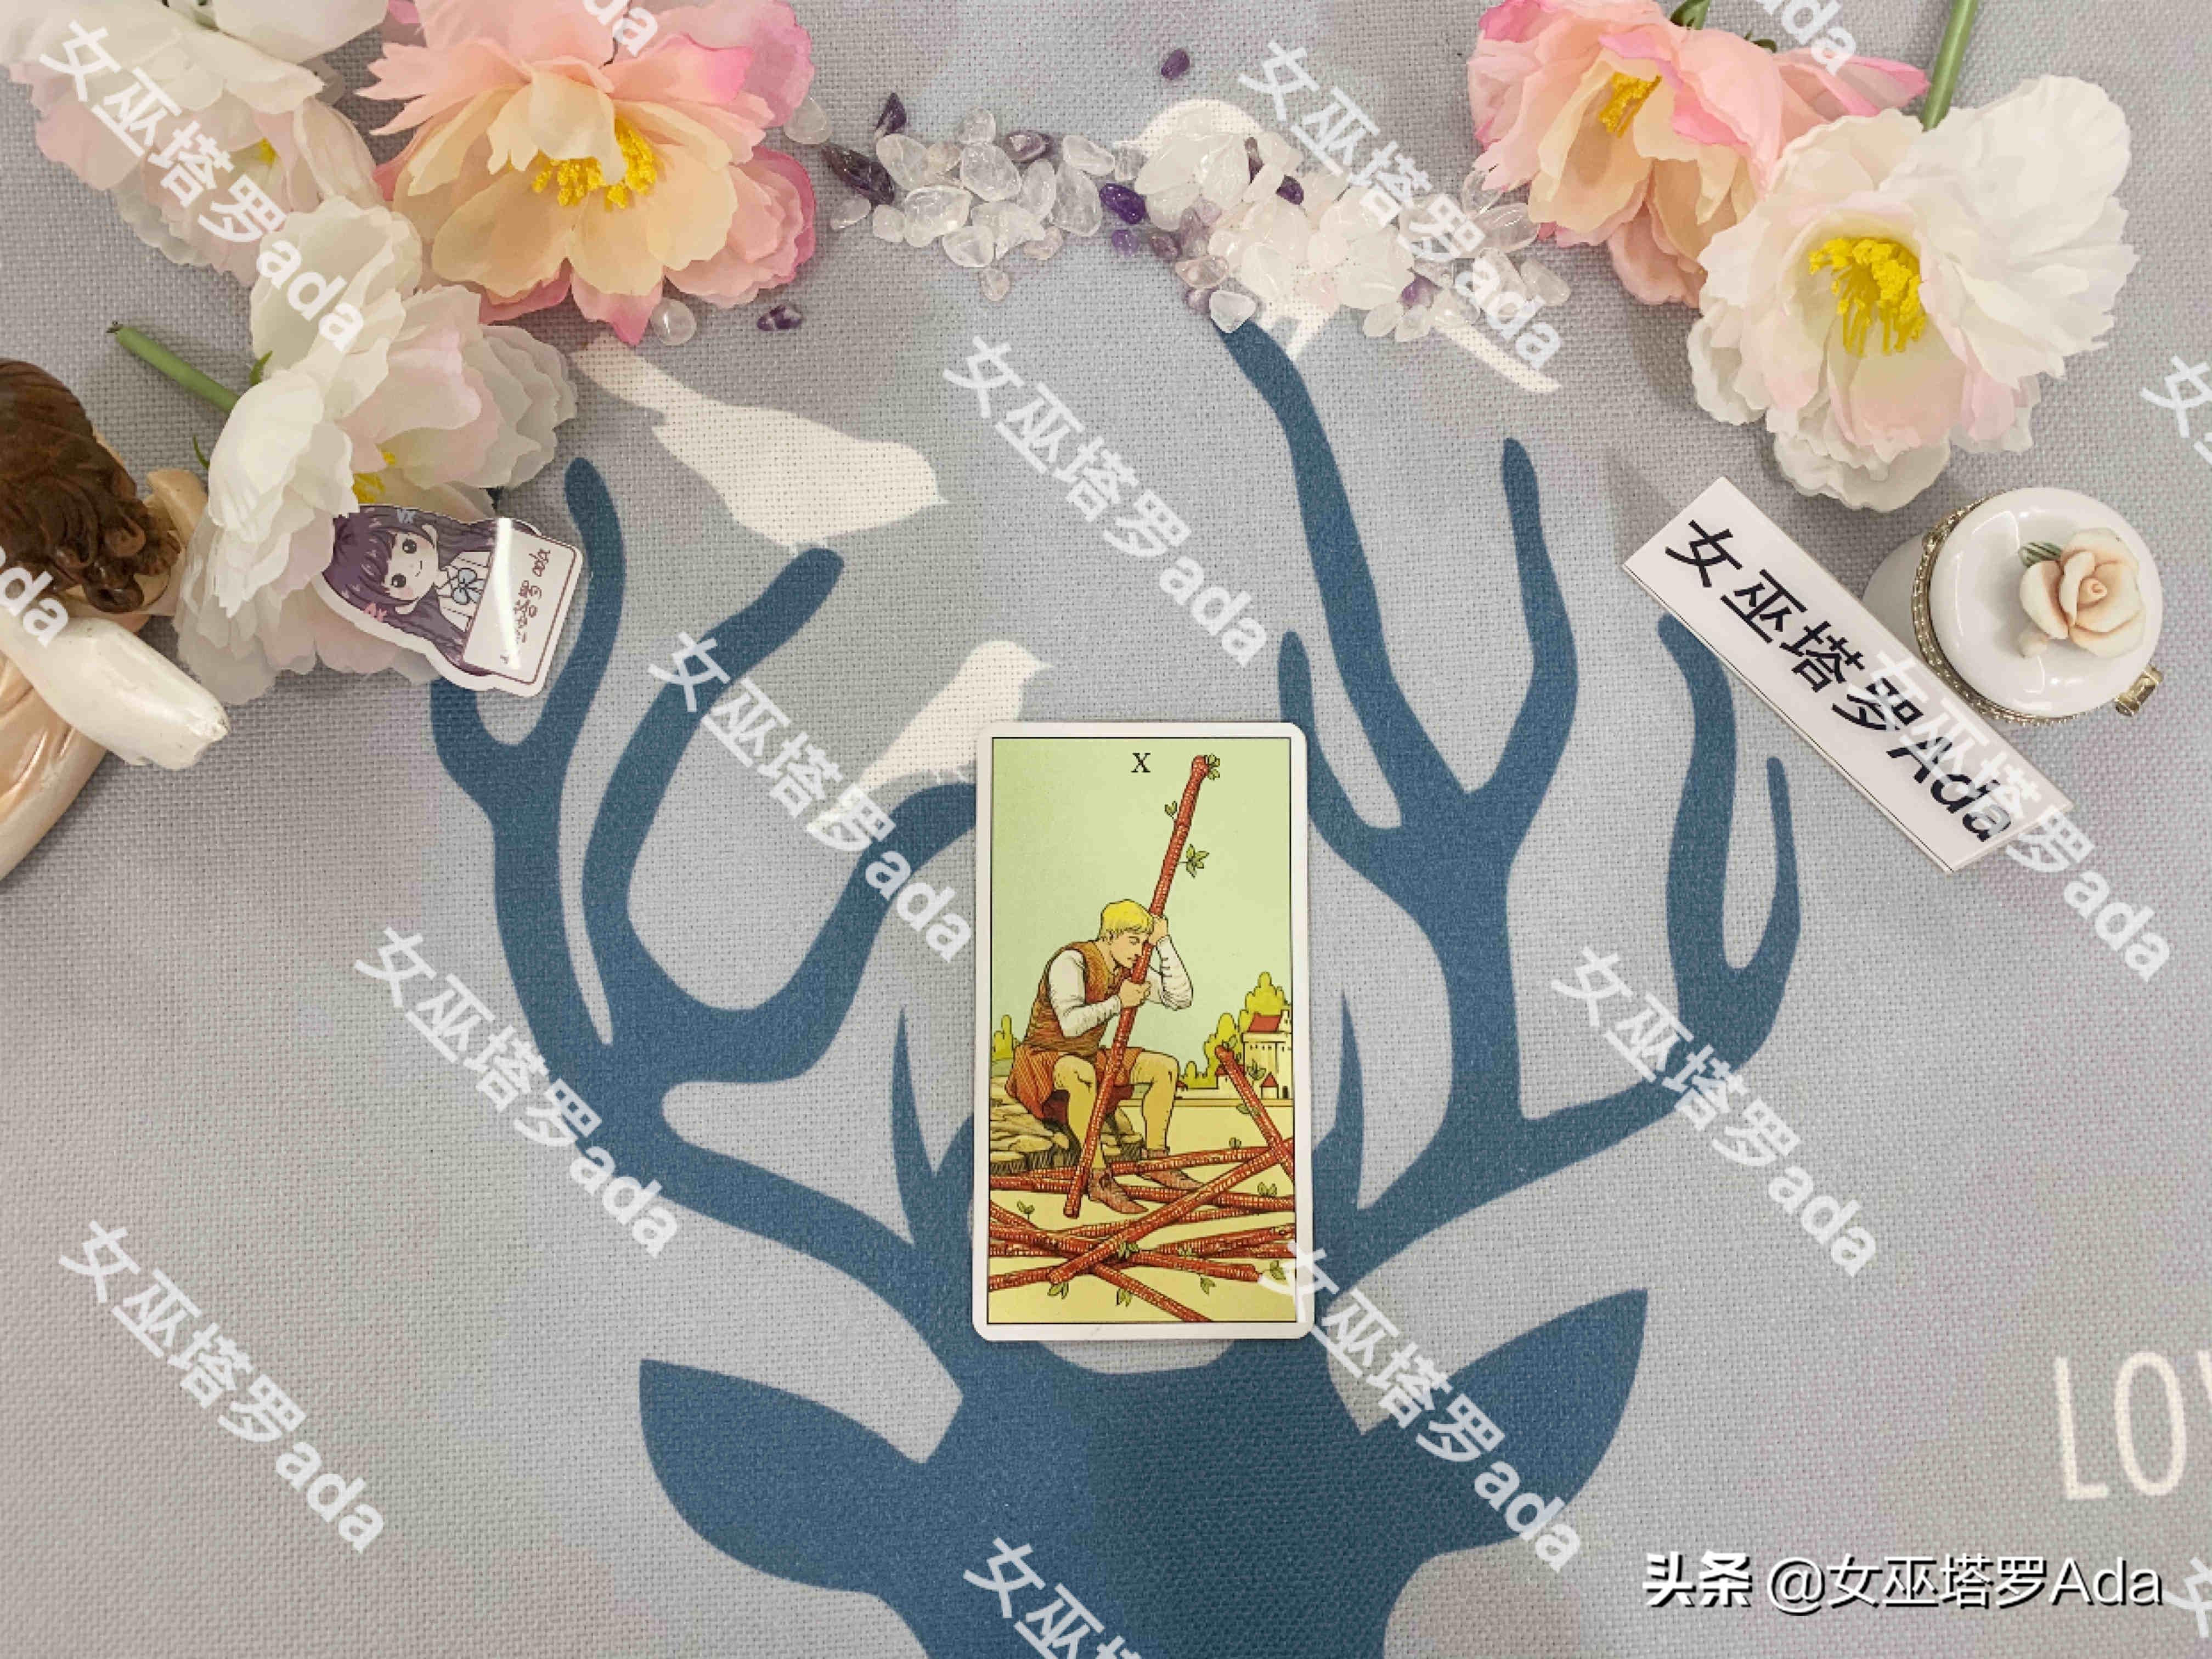 女巫塔罗,双子座未来45天运势:并非无可替代,只是暂时放不开